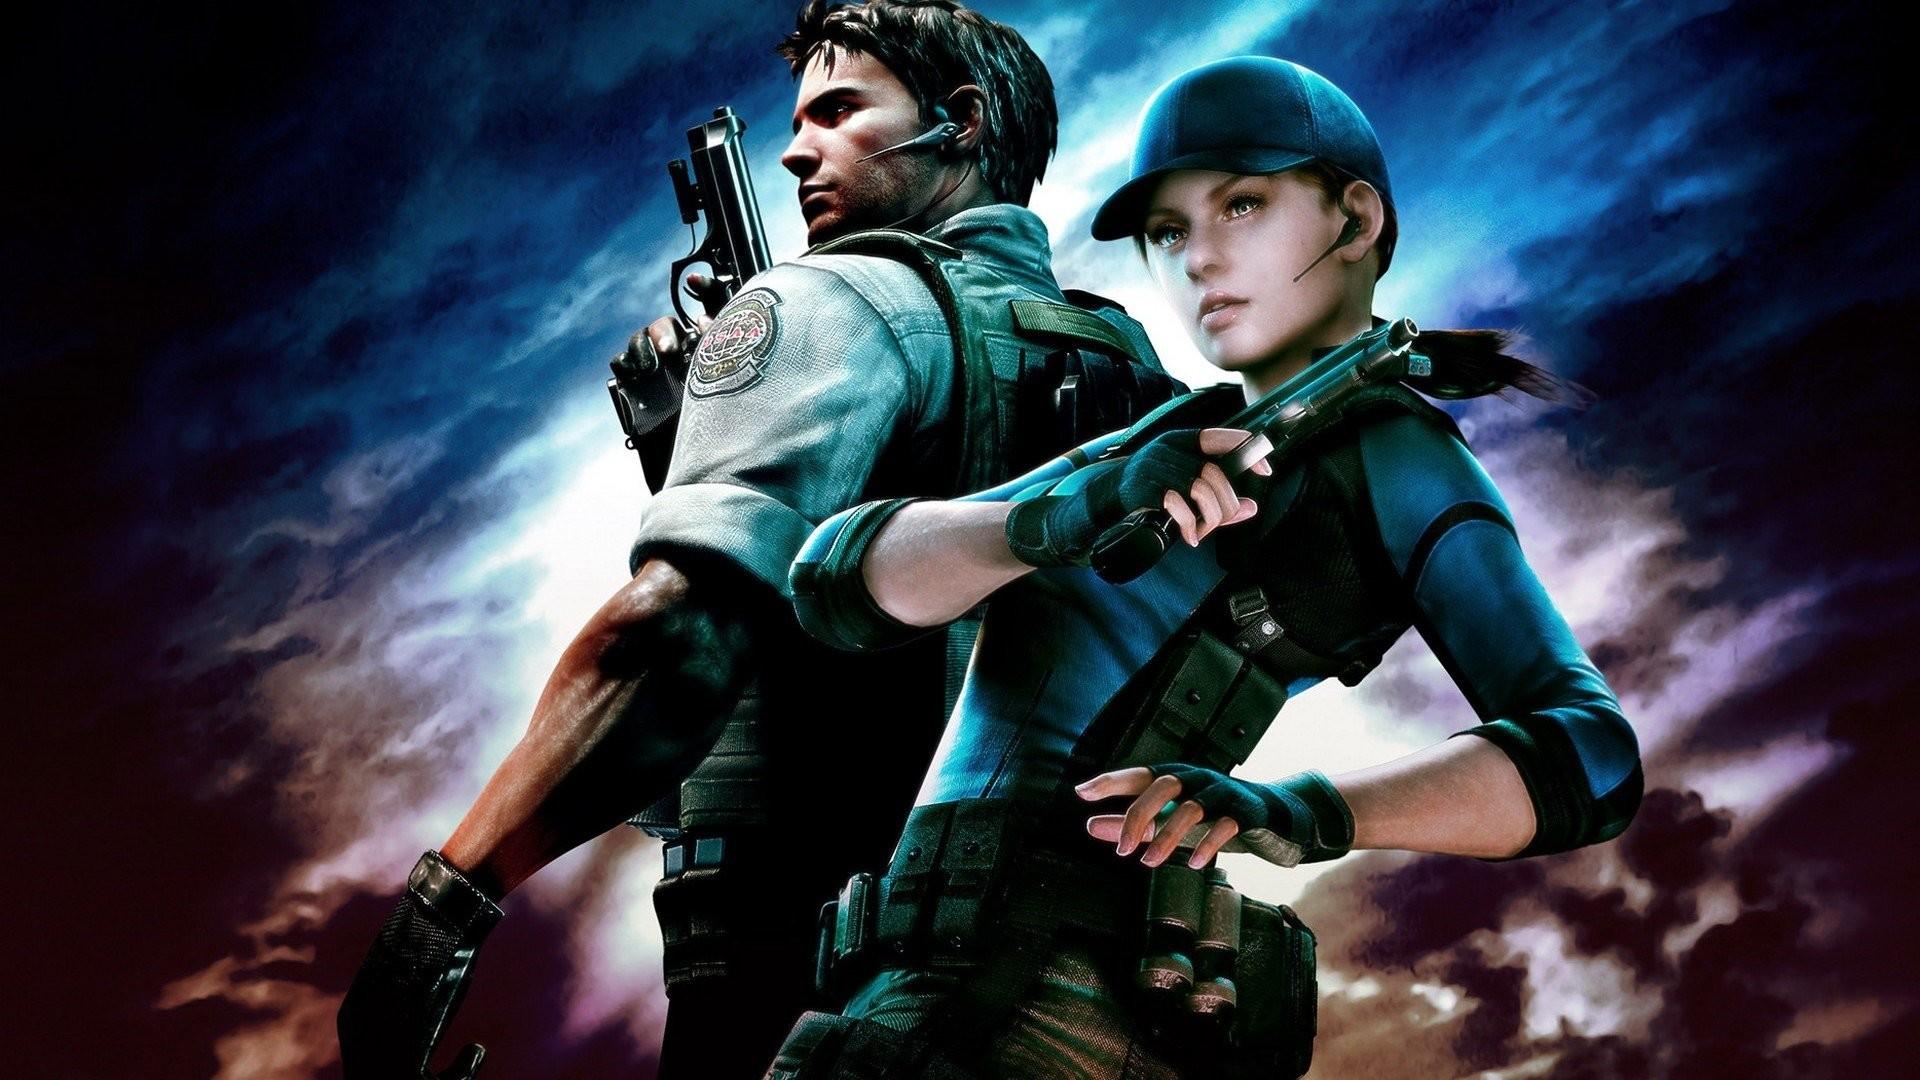 Resident Evil 5 Jill Valentine Wallpaper Wallpapertag